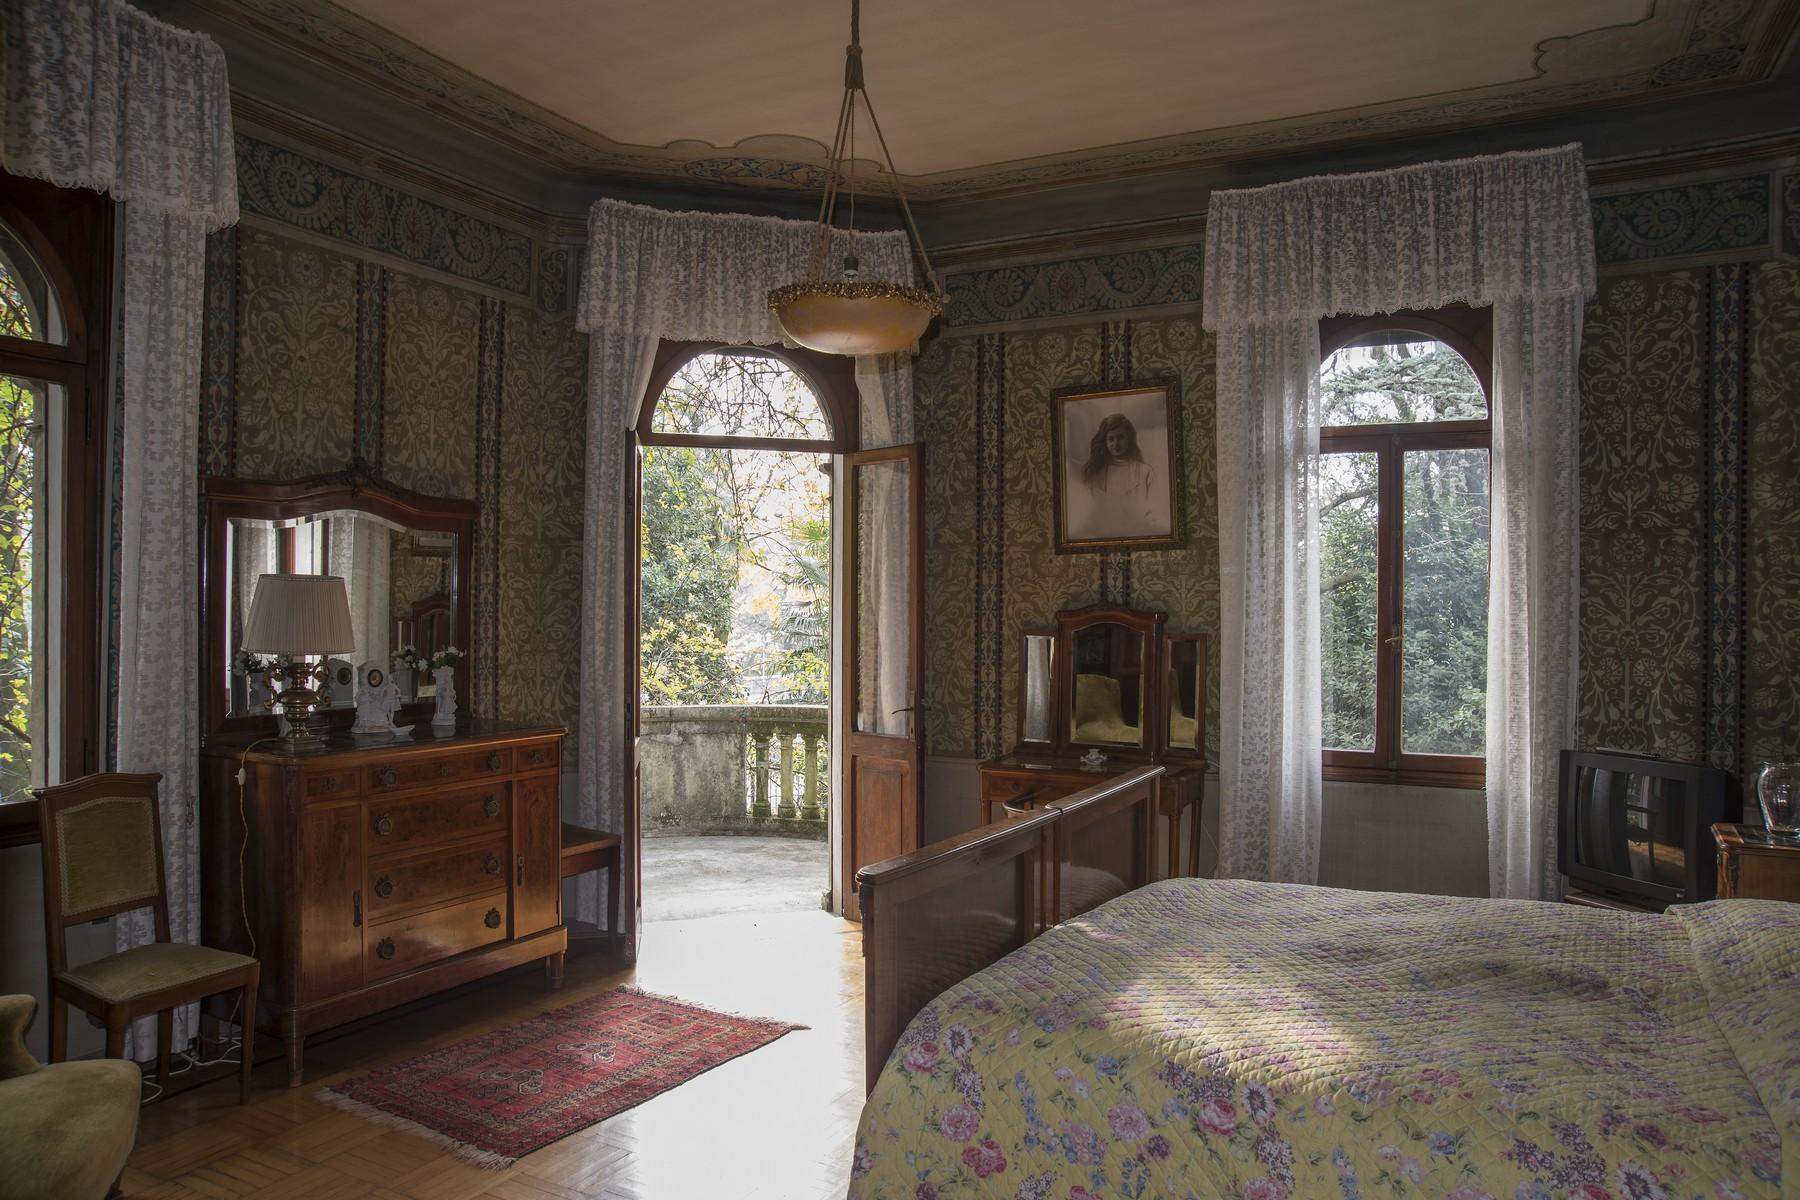 Villa in Vendita a Treviso: 5 locali, 460 mq - Foto 10